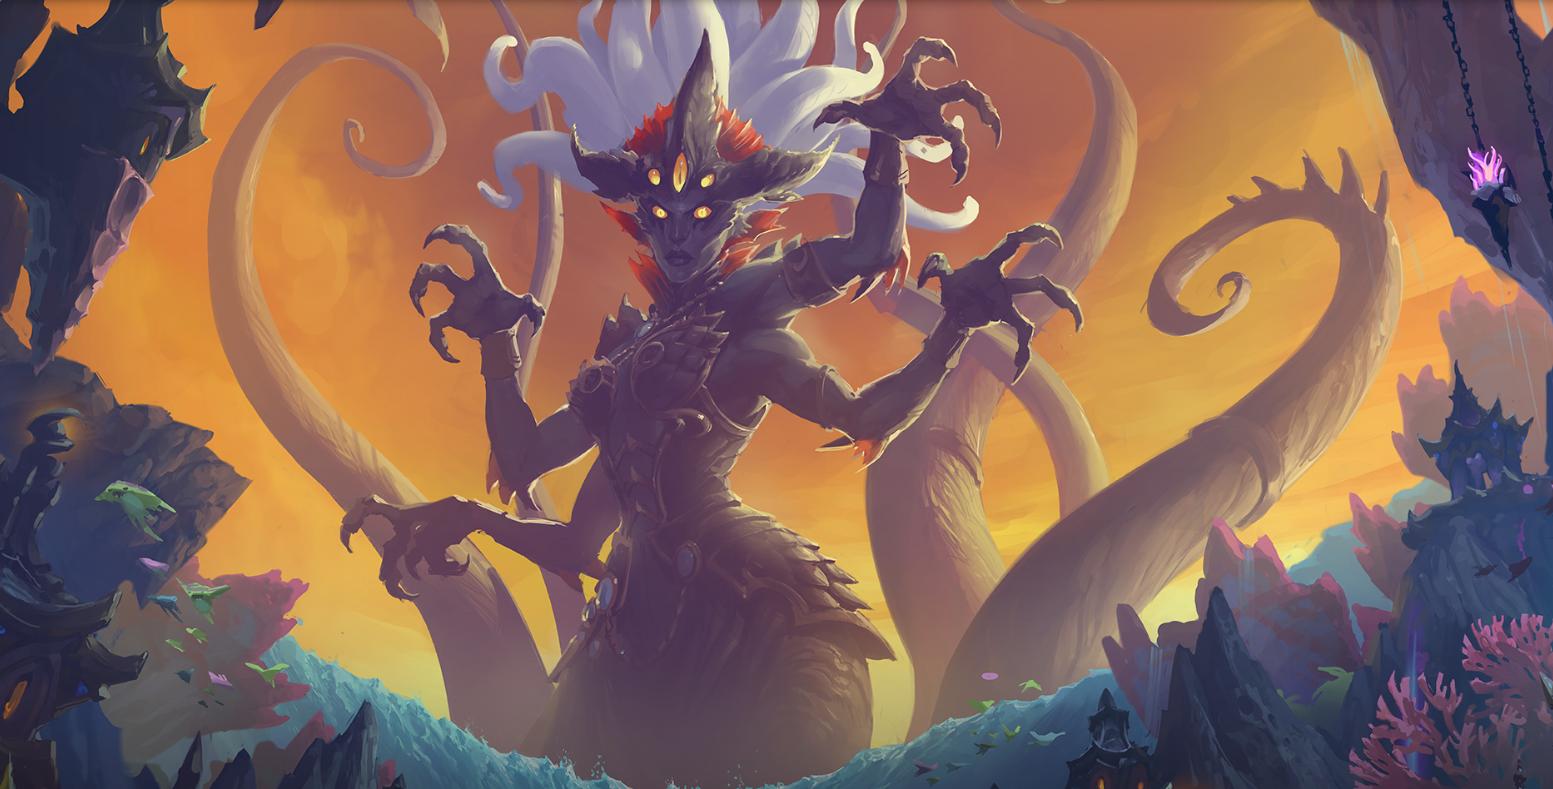 潮汐女王归来!魔兽世界《艾萨拉的崛起》6月27日上线